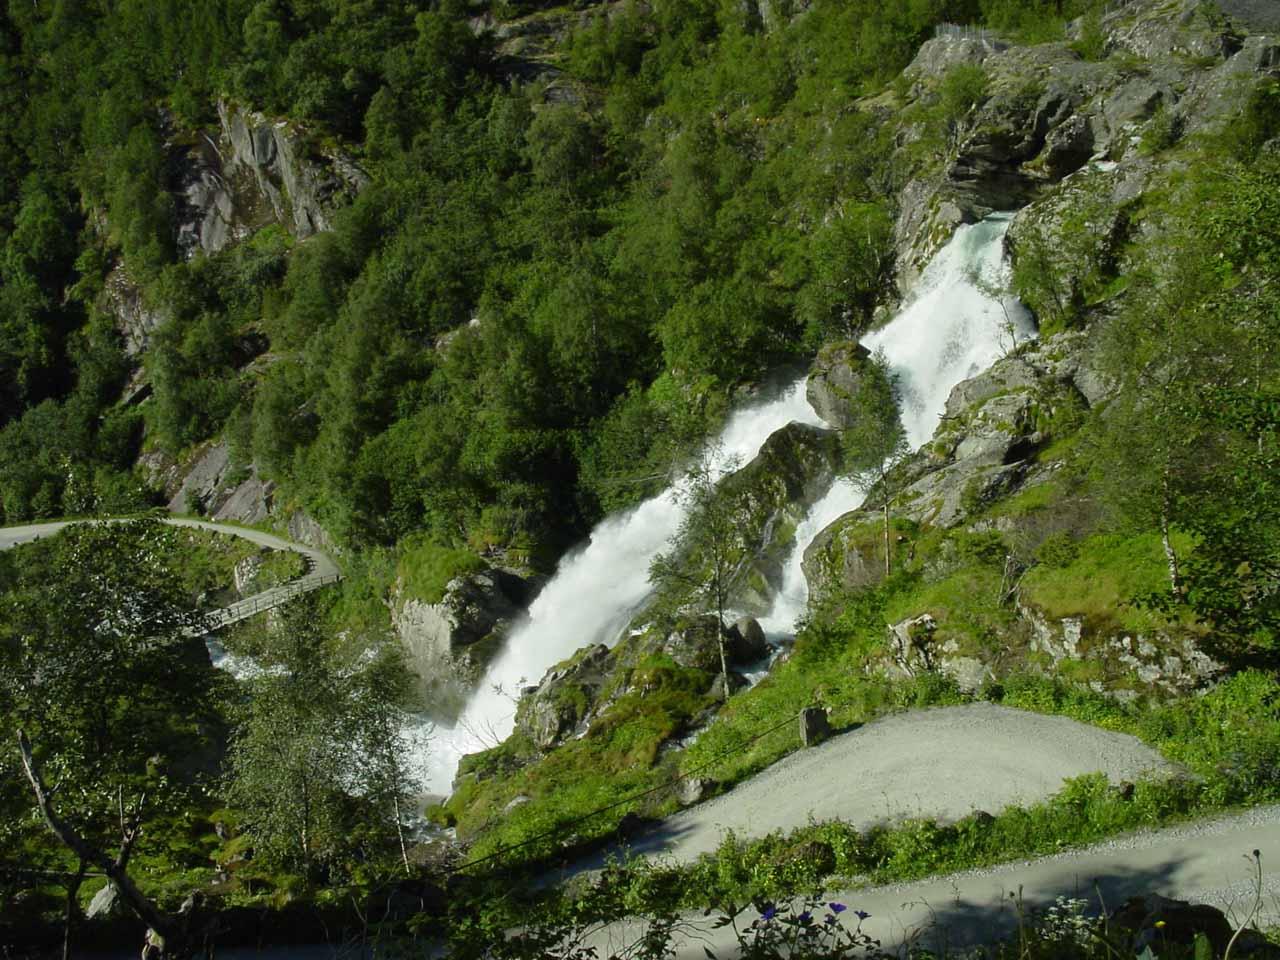 Kleivafossen seen from the Briksdalsbreen Trail